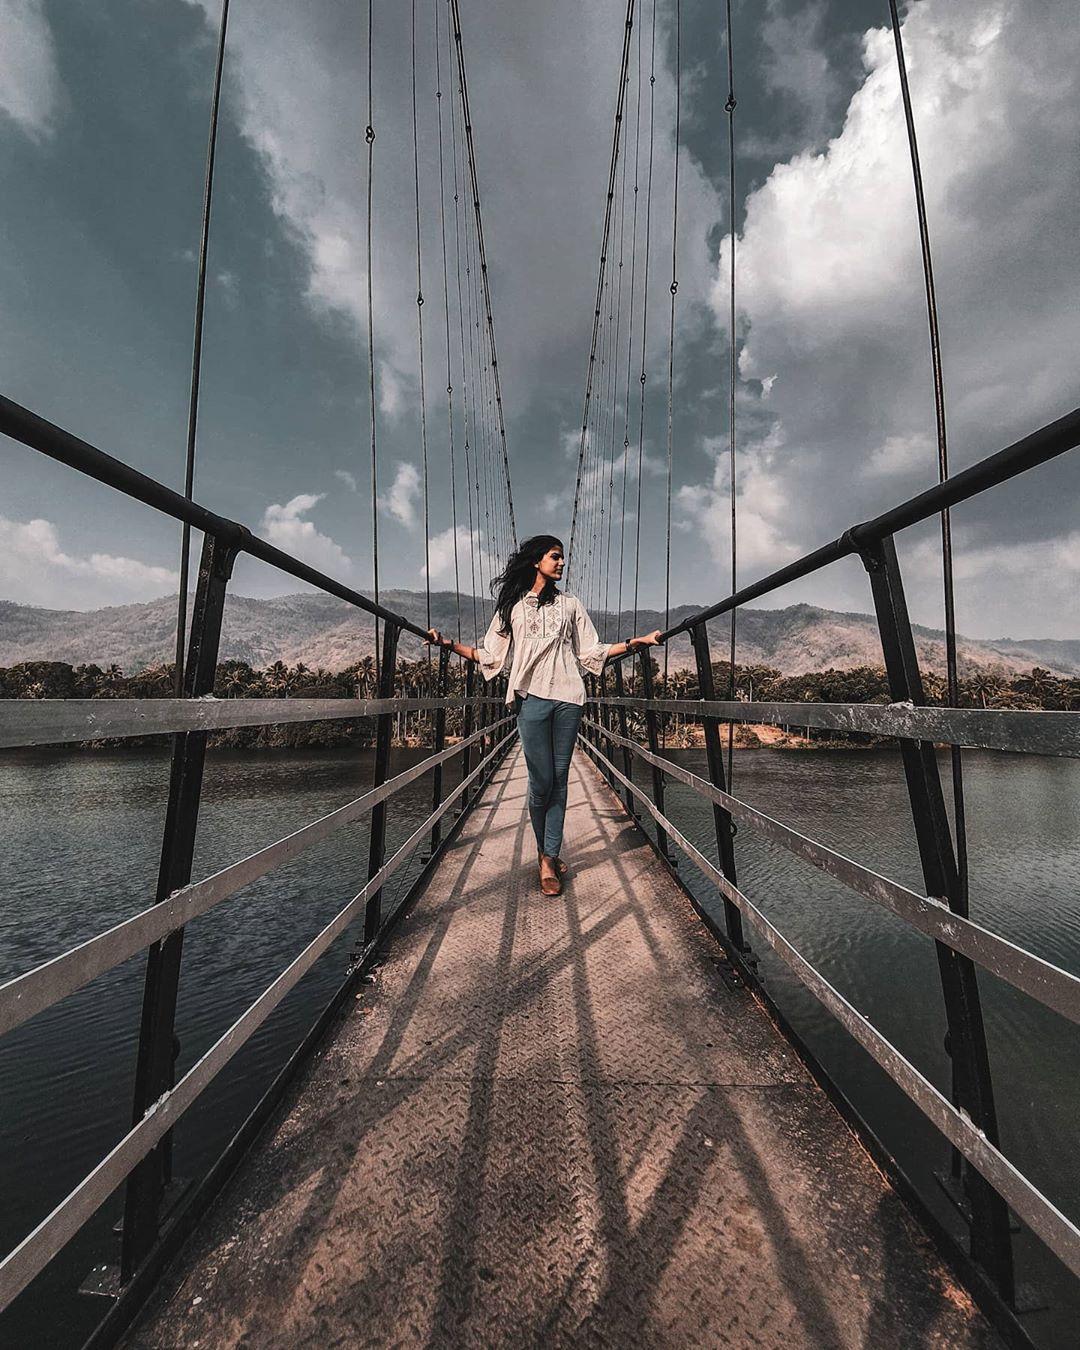 kerala girl on a bridge